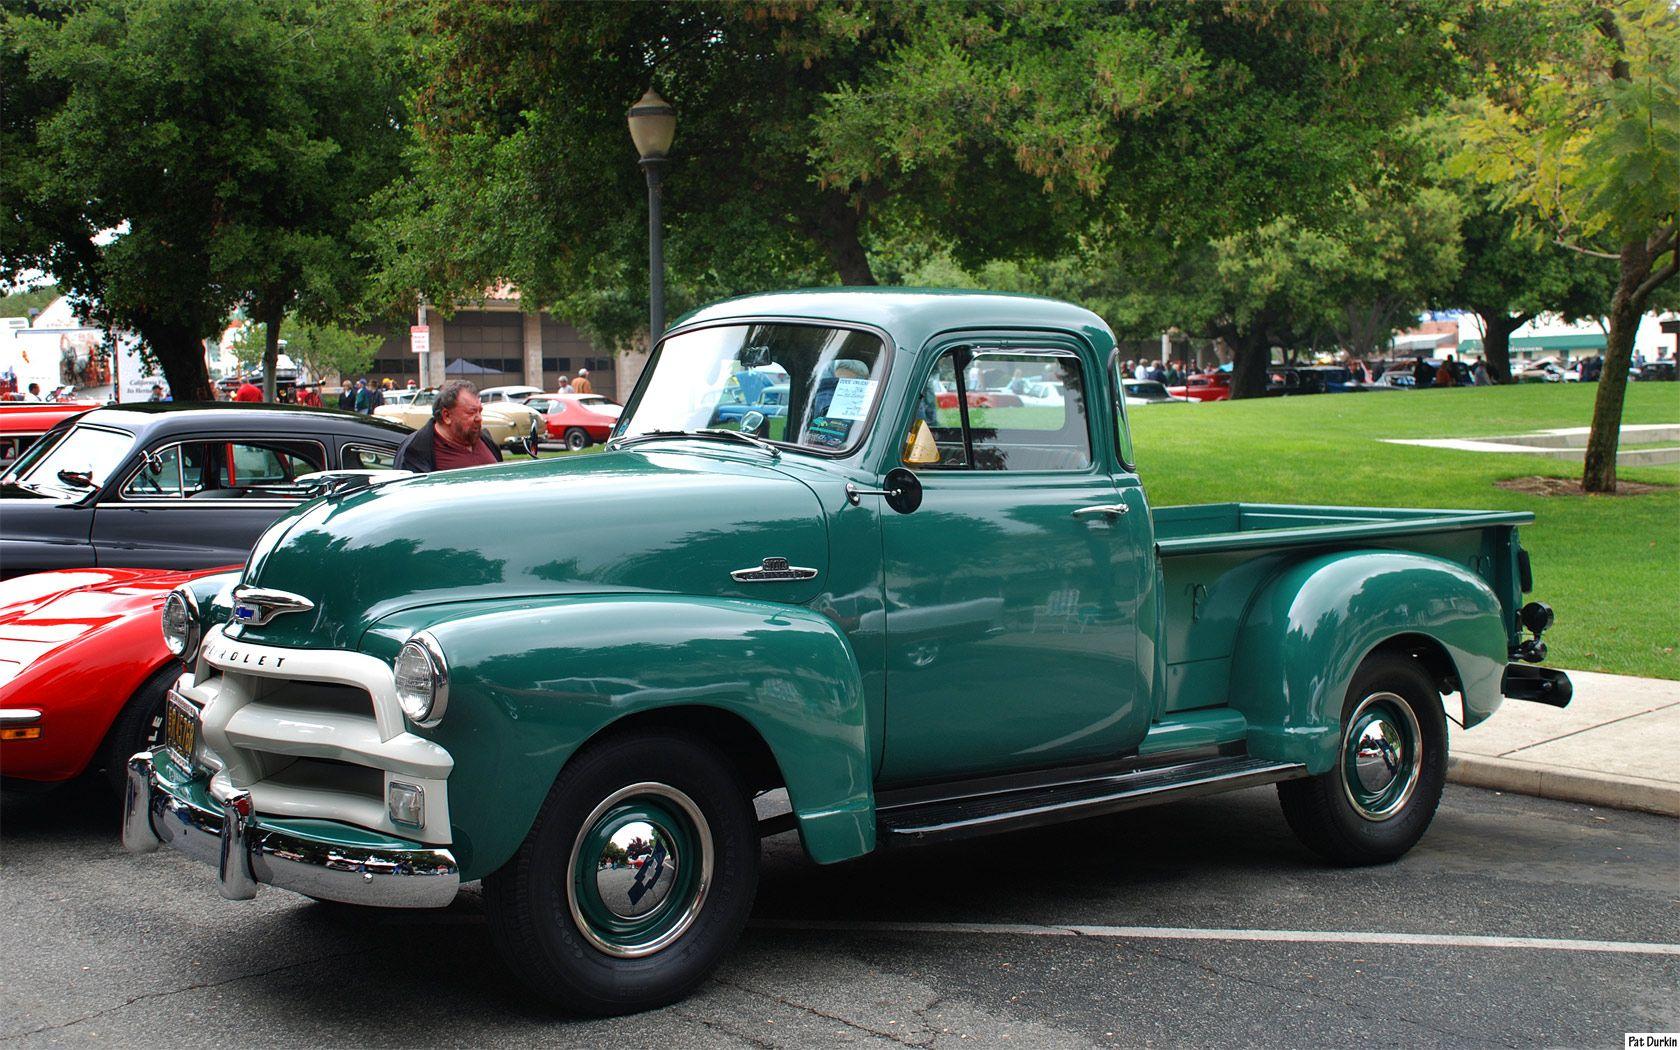 1955 Chevrolet 1955 Chevrolet 3100 Pickup Glade Green Fvl 1955 Chevrolet Chevy Trucks 1955 Chevy